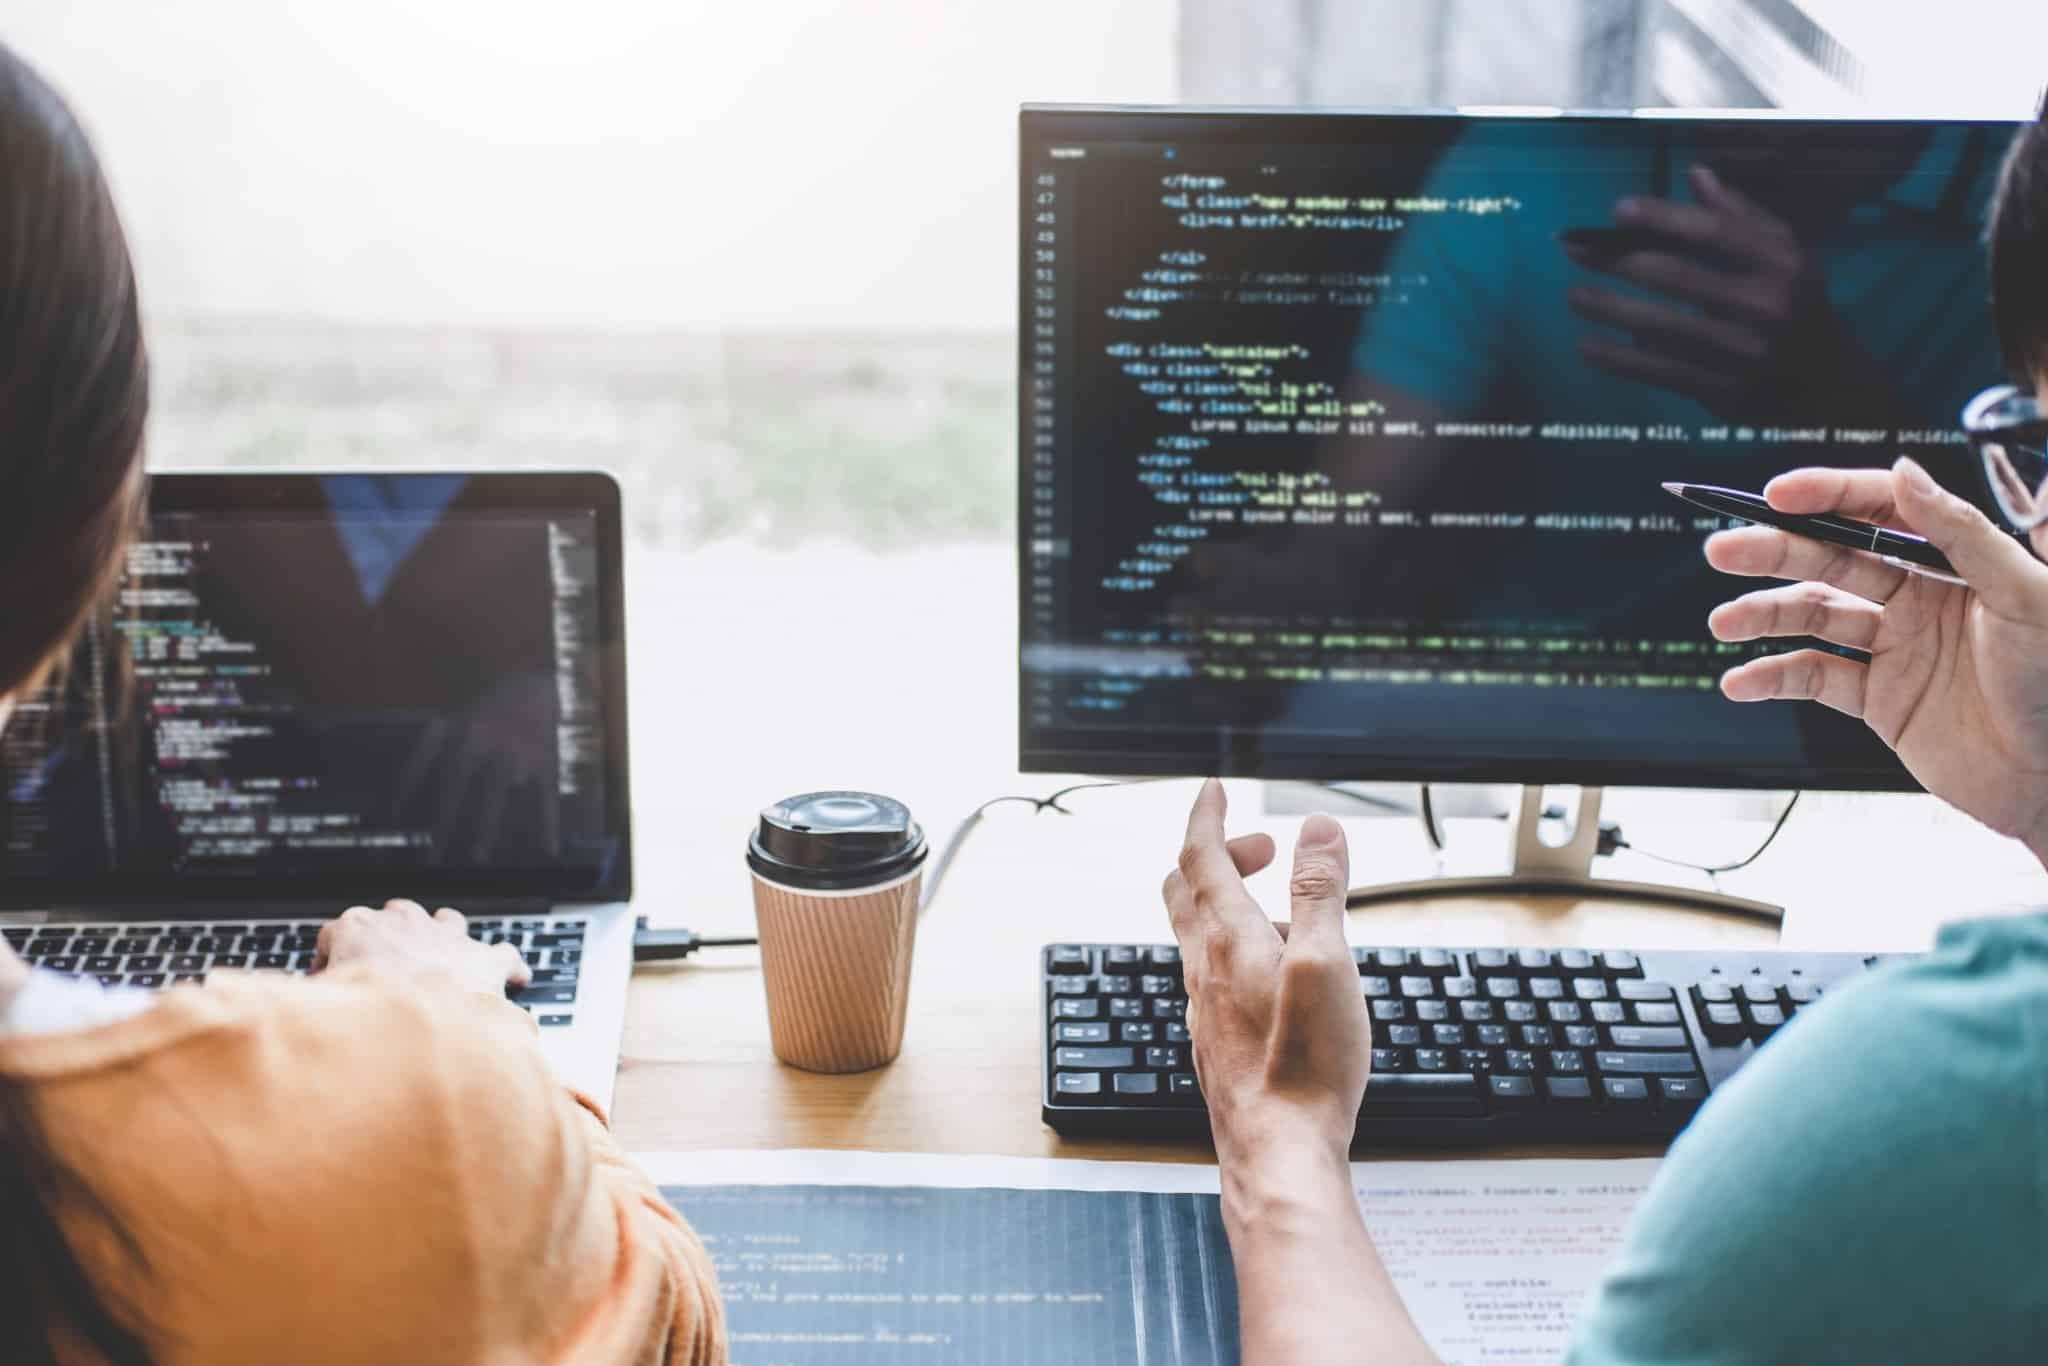 profissoes do futuro programadores a fazer codigo